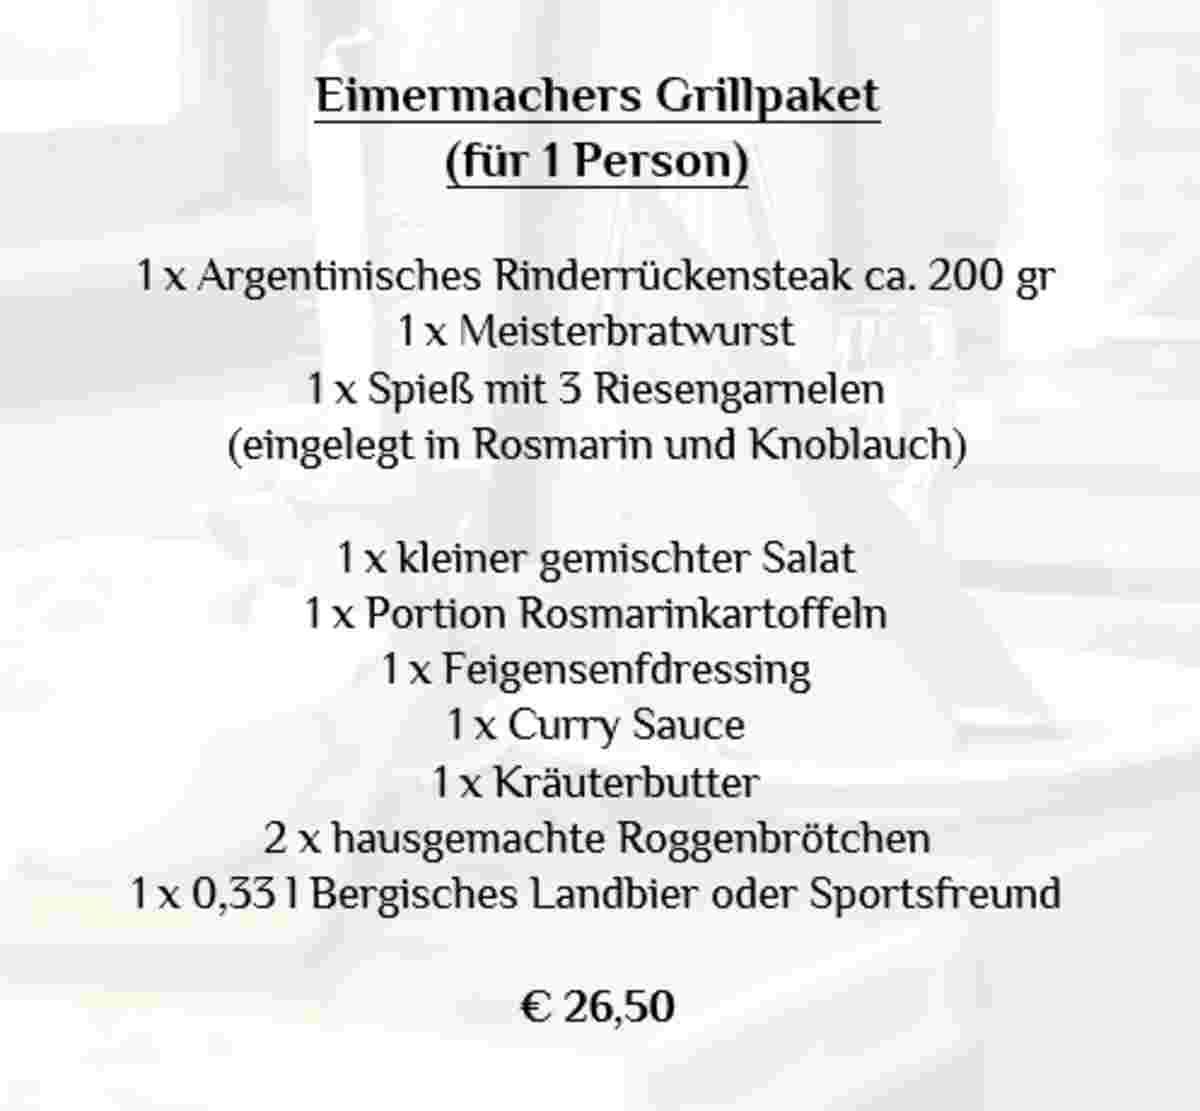 Lecker essen in Engelskirchen, Grillpaket zum Abholen im Restaurant Eimermacher, Bleiben Sie zu Hause, Außer Haus in Overath und Umgebung, Außer Haus in Gummersbach und Umgebung